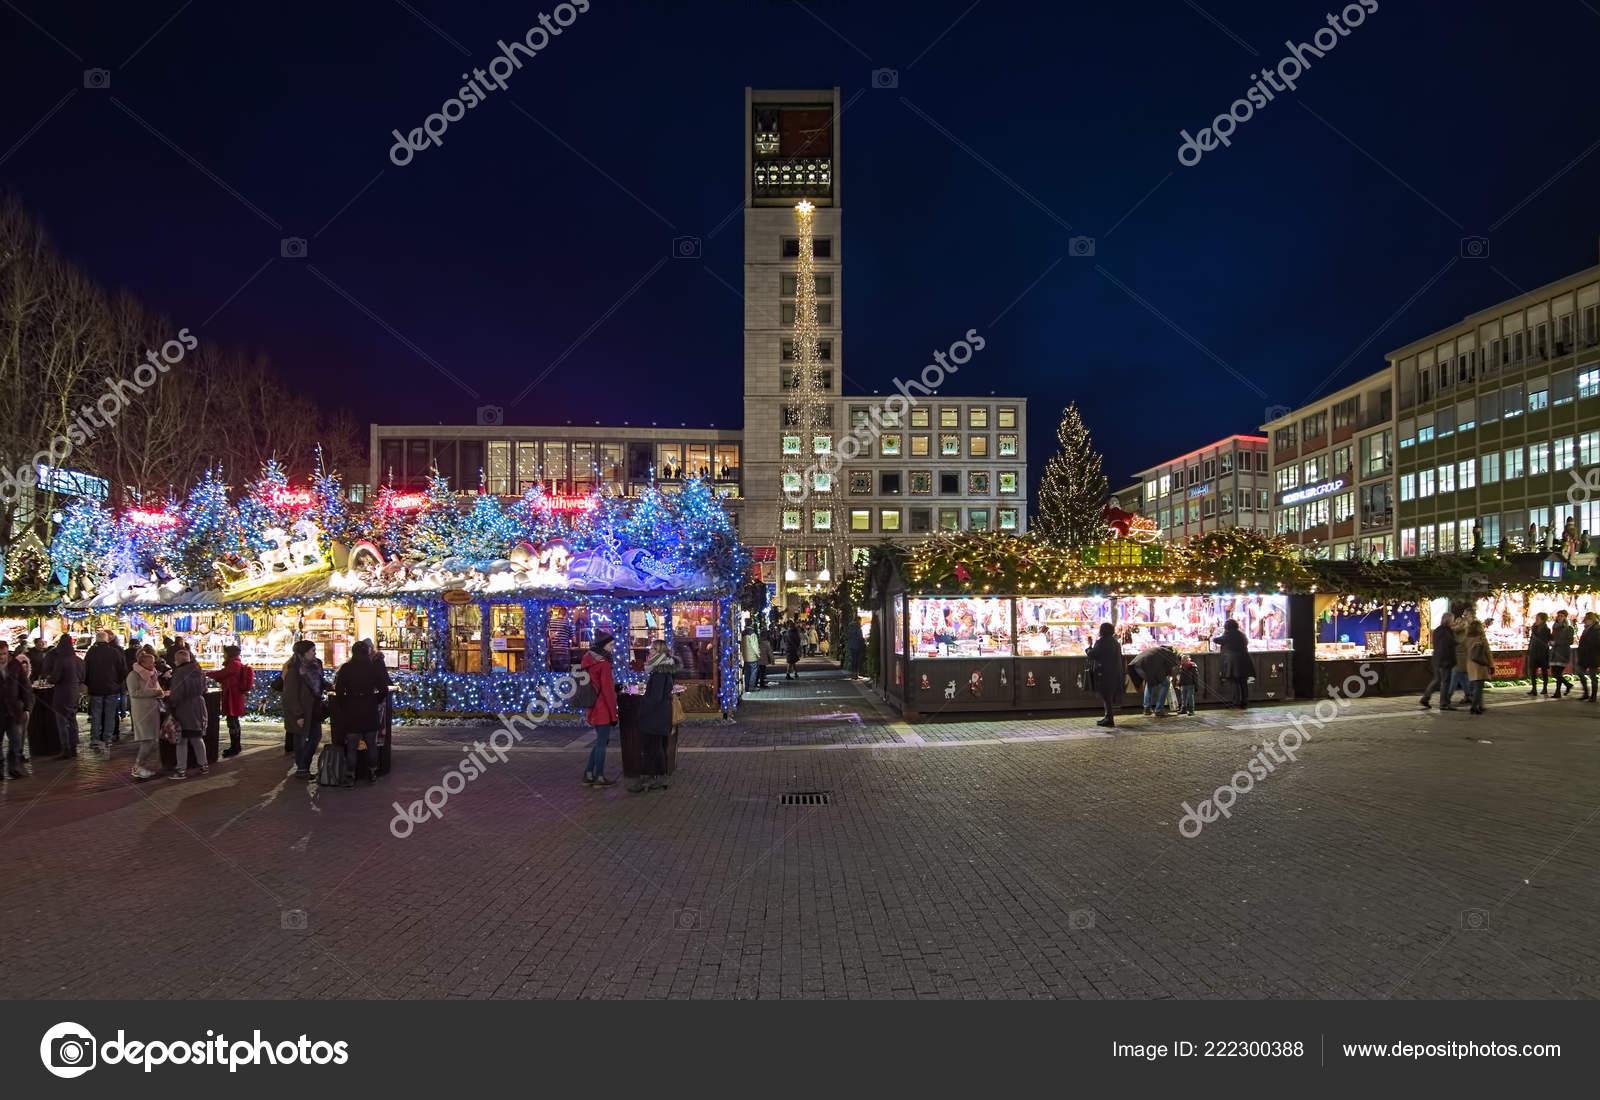 Deutschland Weihnachtsmarkt.Stuttgart Deutschland Dezember 2017 Weihnachtsmarkt Marktplatz